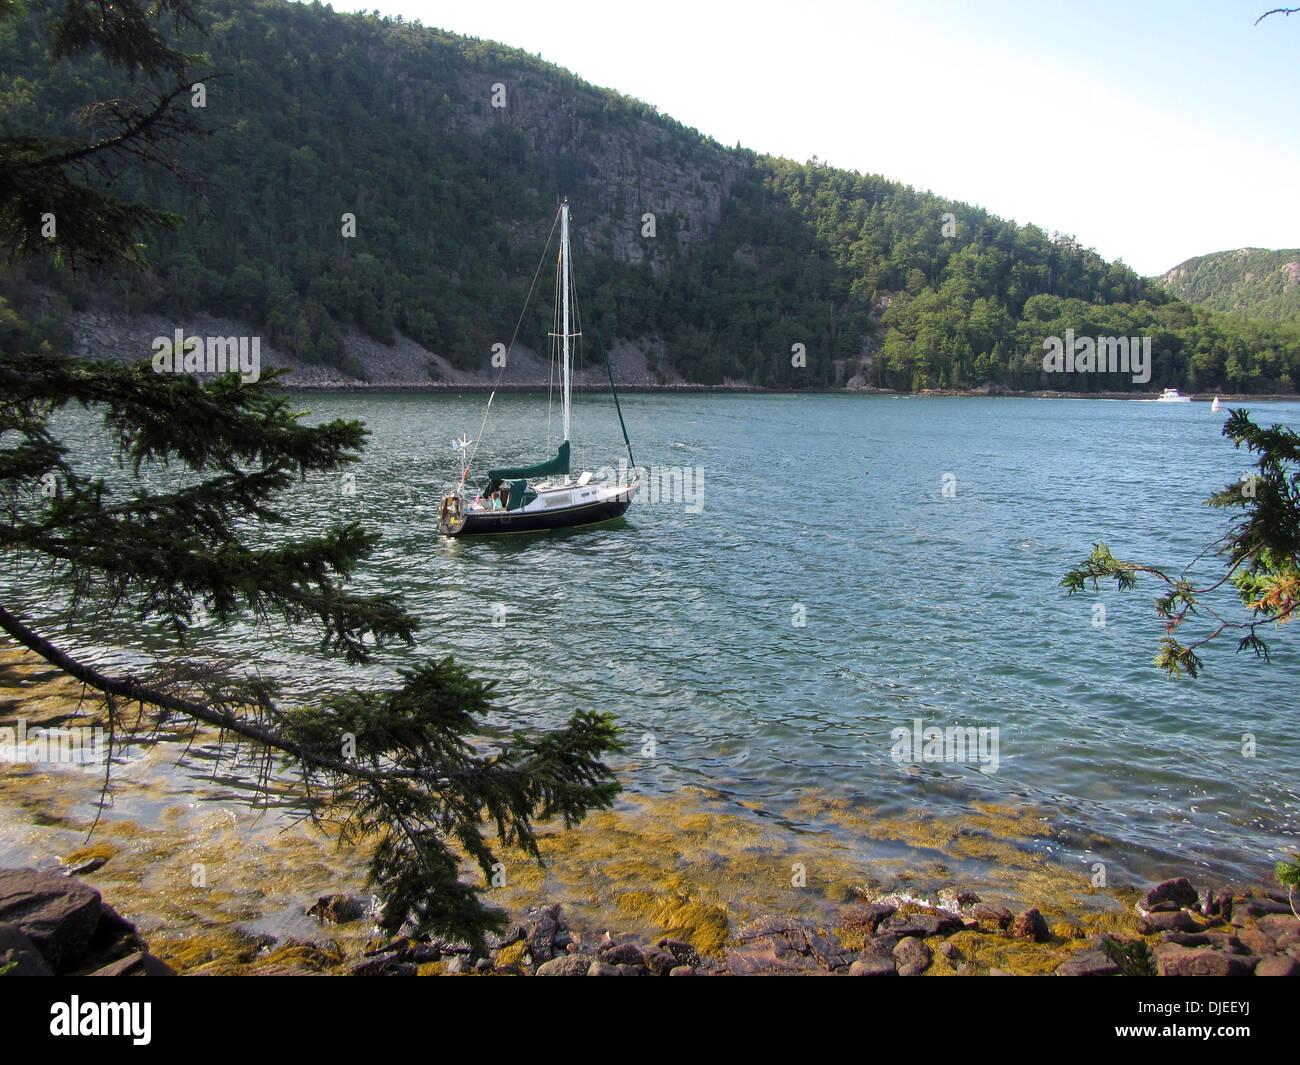 Un nero in barca a vela ancorata alla valle Cove nel fiordo di suono Somes, Maine, Stati Uniti d'America. Immagini Stock